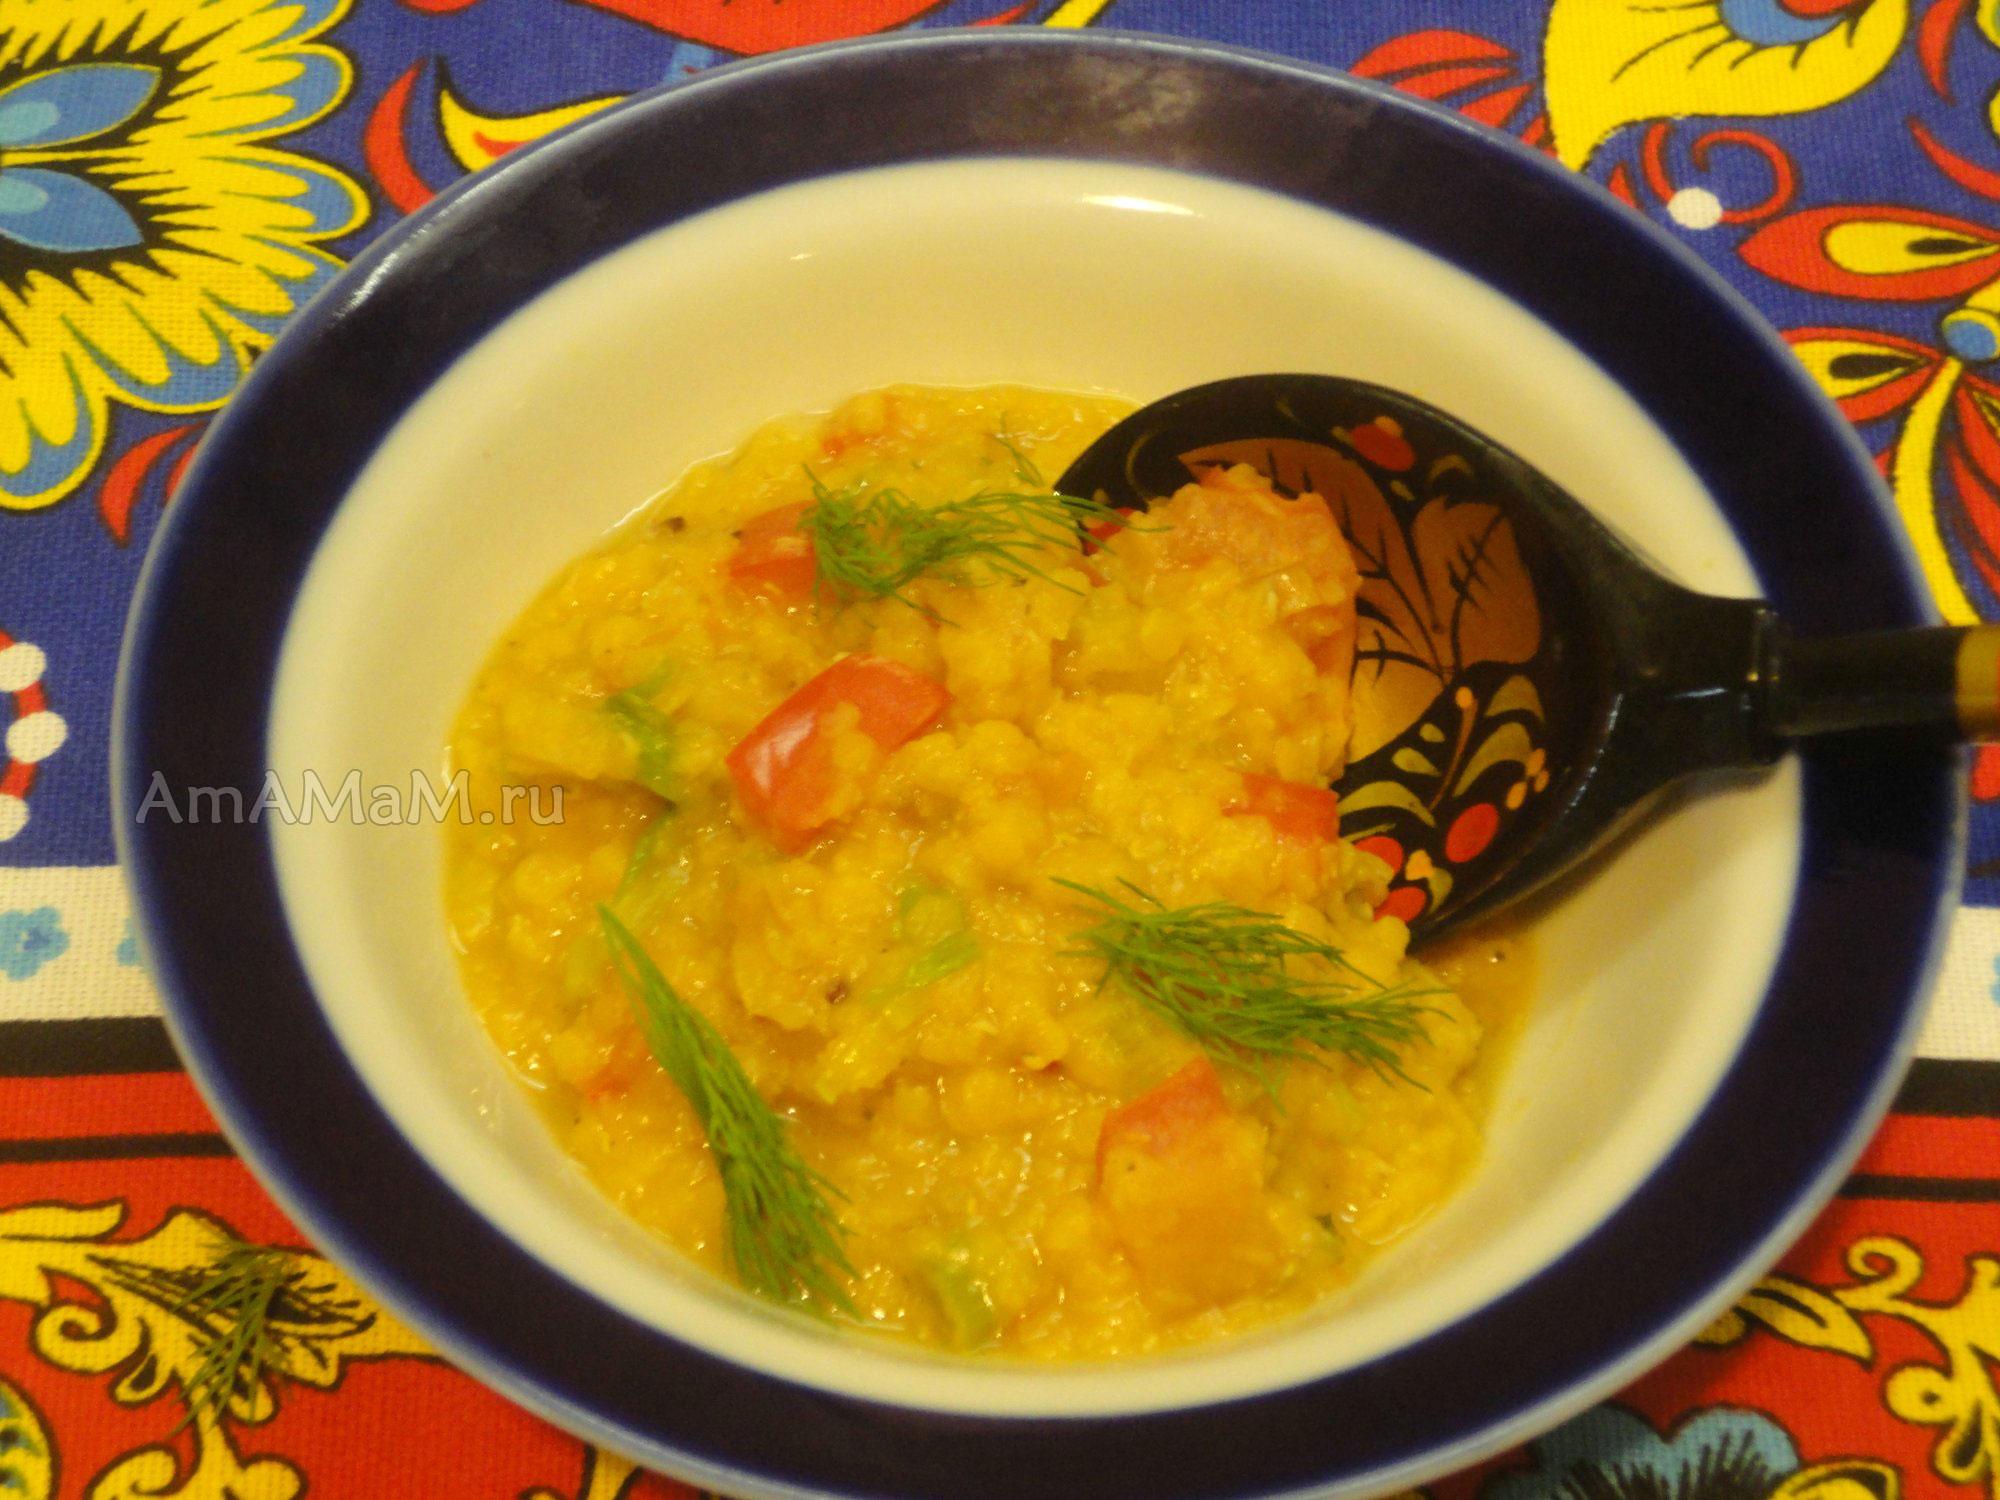 Суп с оранжевой чечевицей рецепт